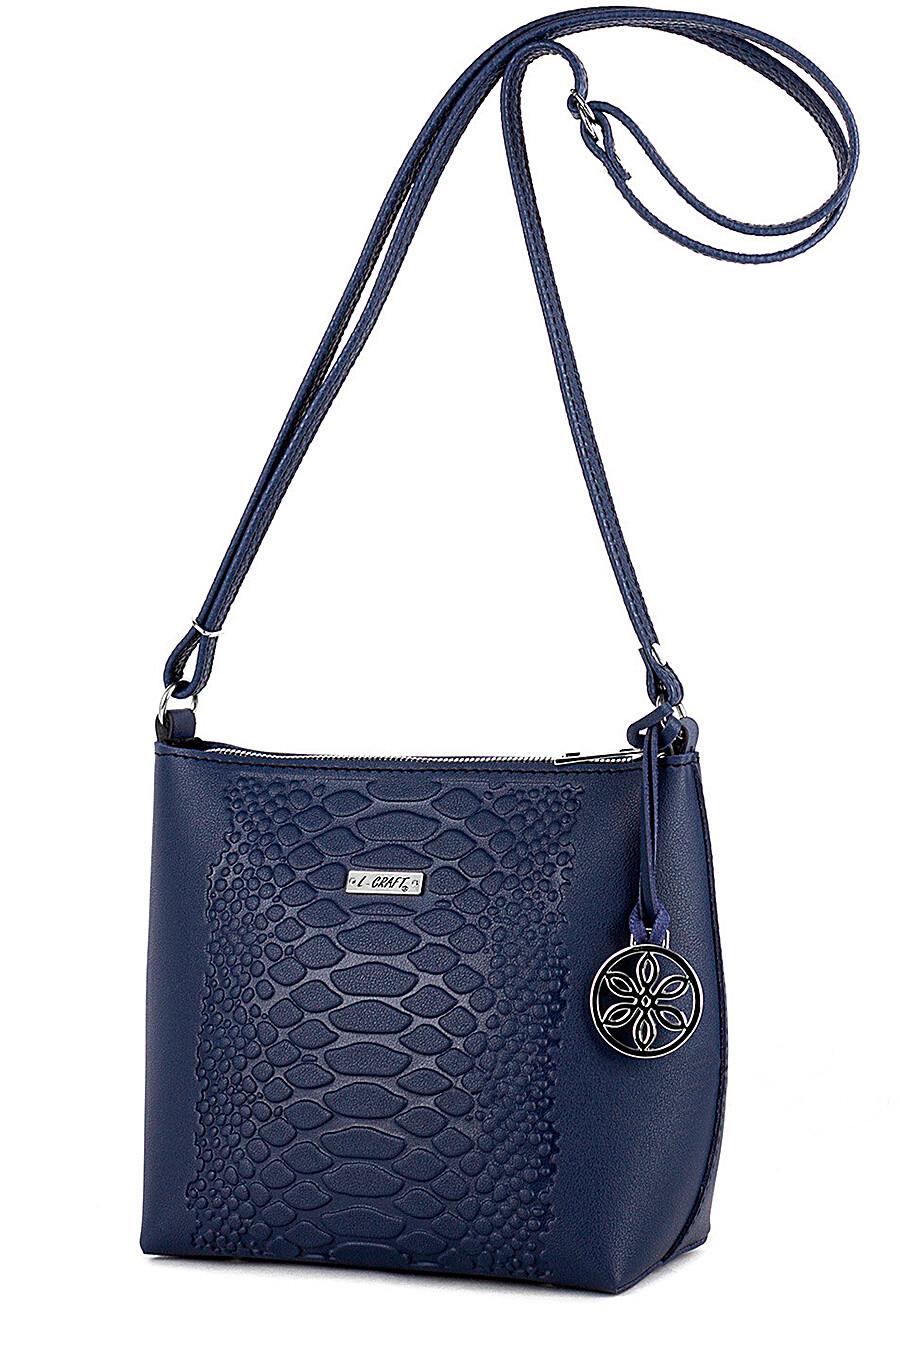 Сумка для женщин L-CRAFT 668230 купить оптом от производителя. Совместная покупка женской одежды в OptMoyo